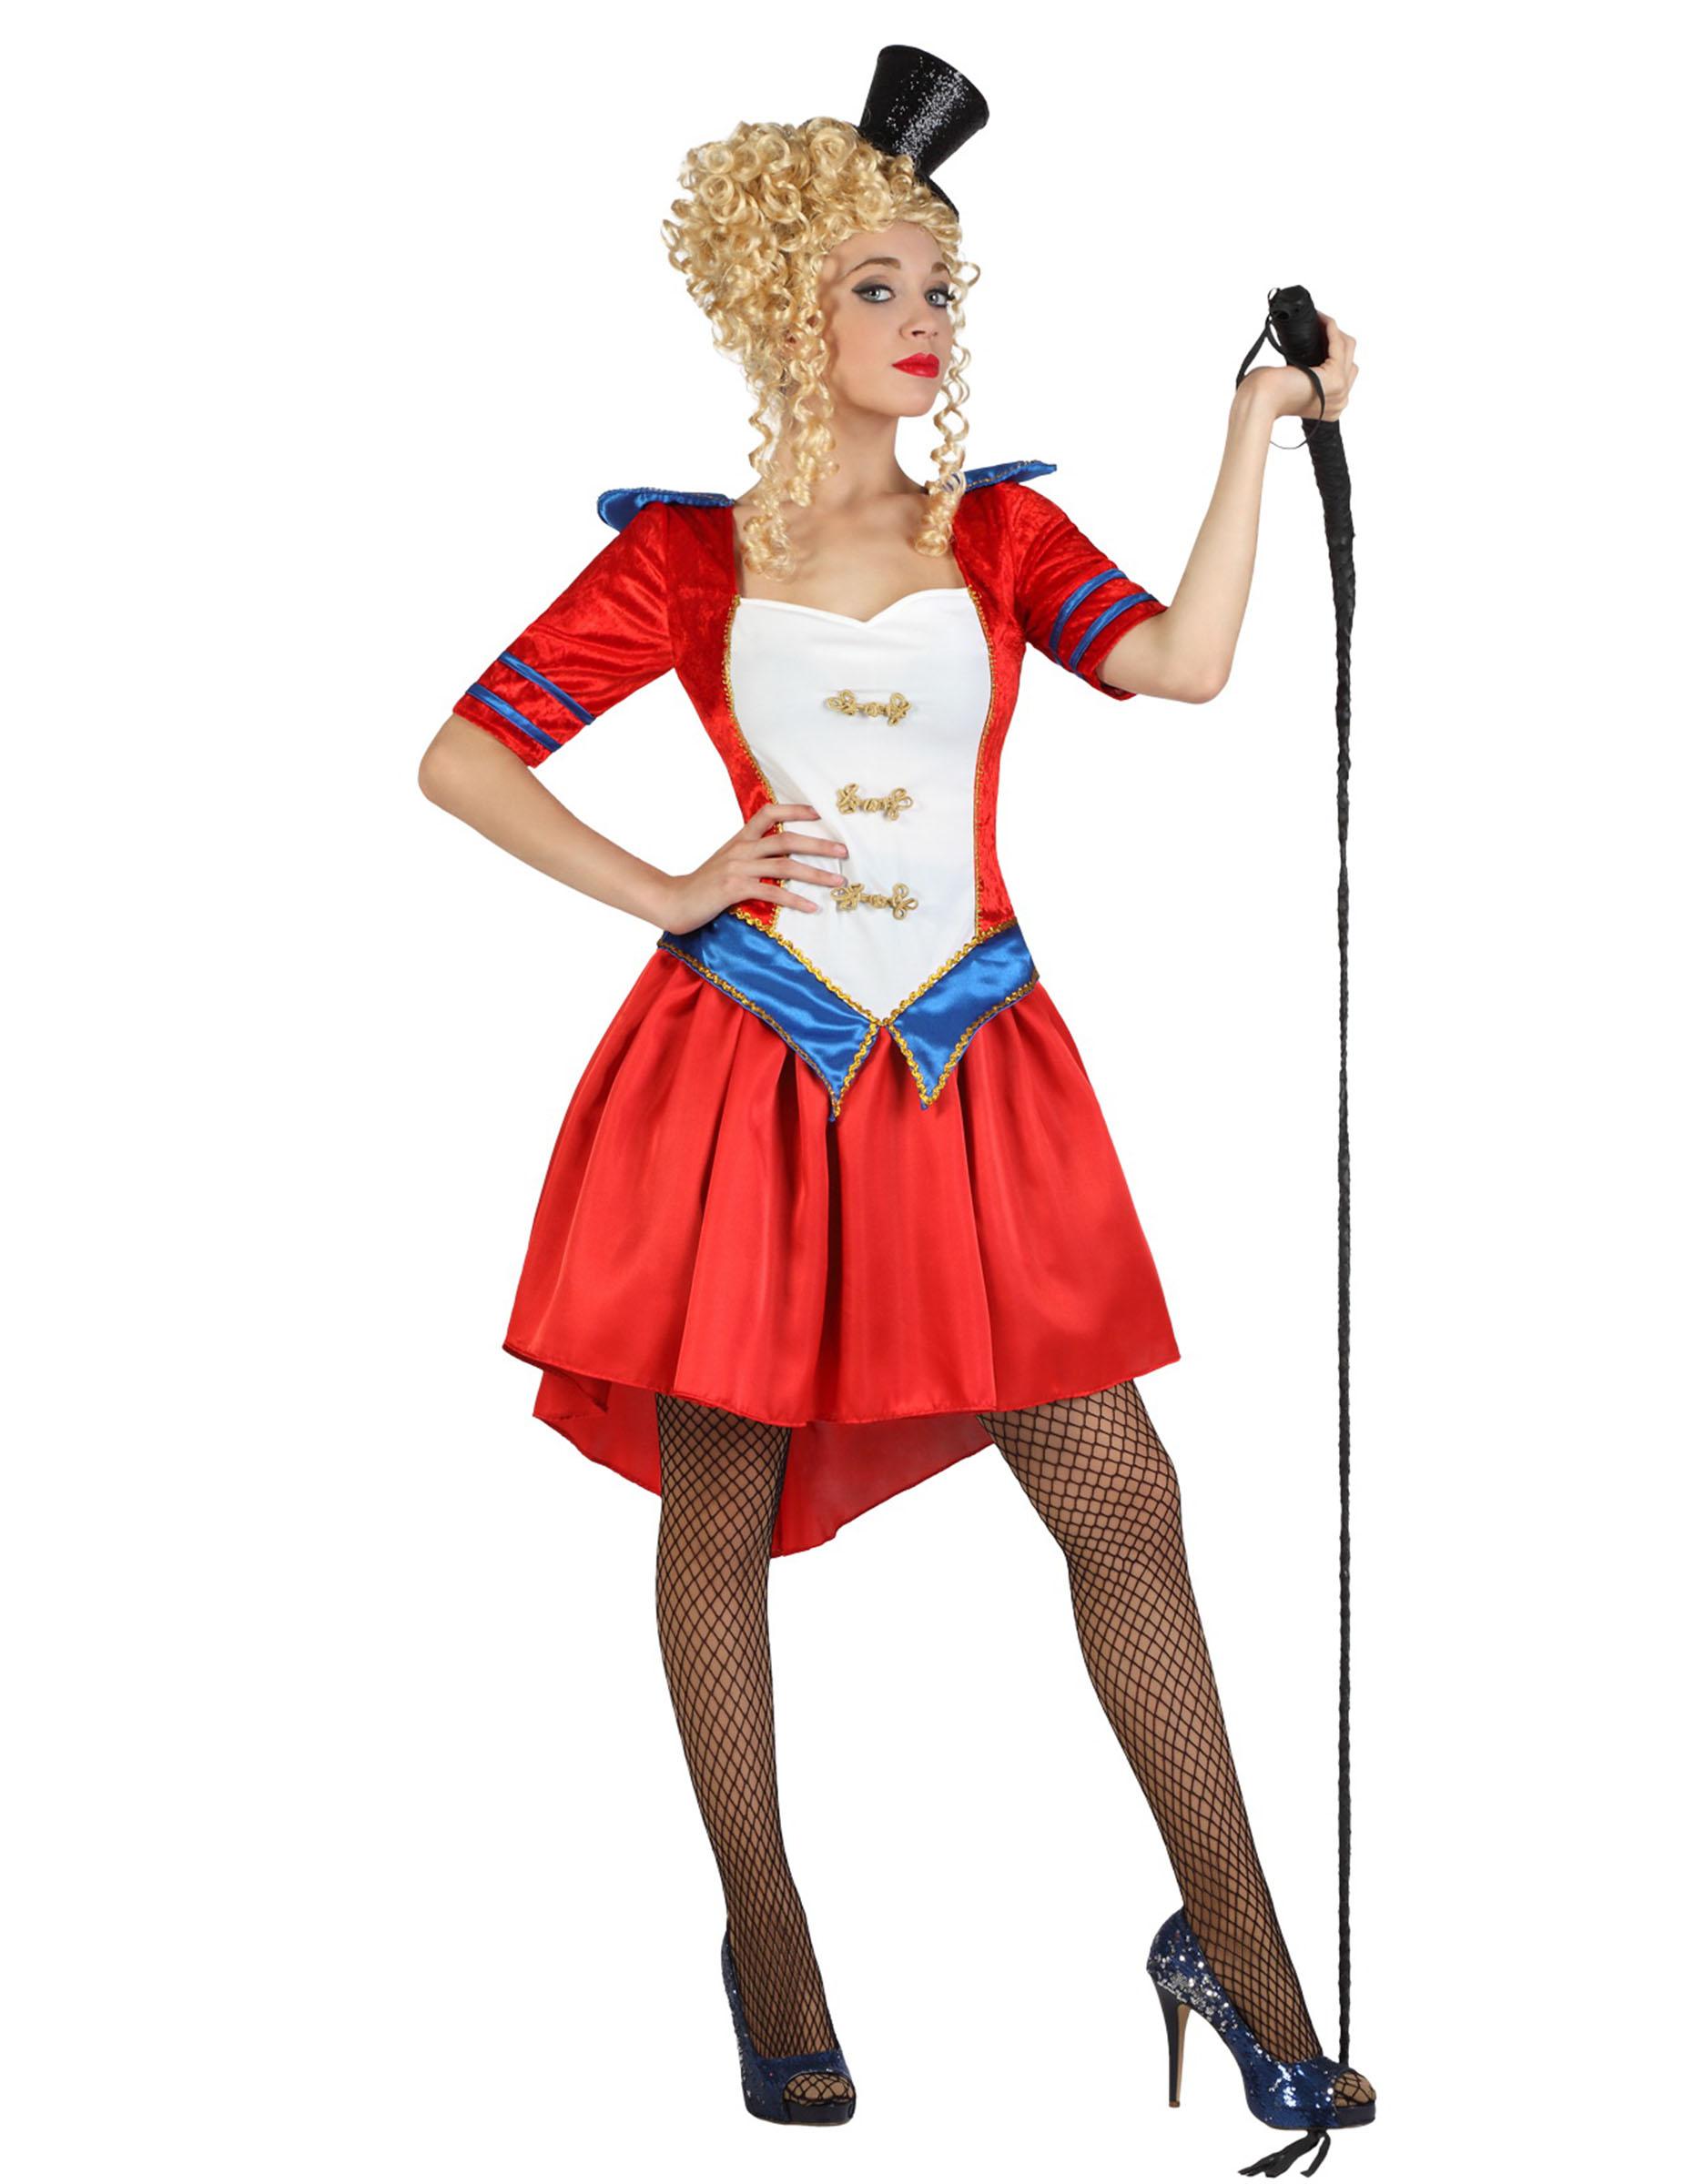 D guisement dompteuse de cirque femme achat de - Deguisement a faire soi meme adulte ...